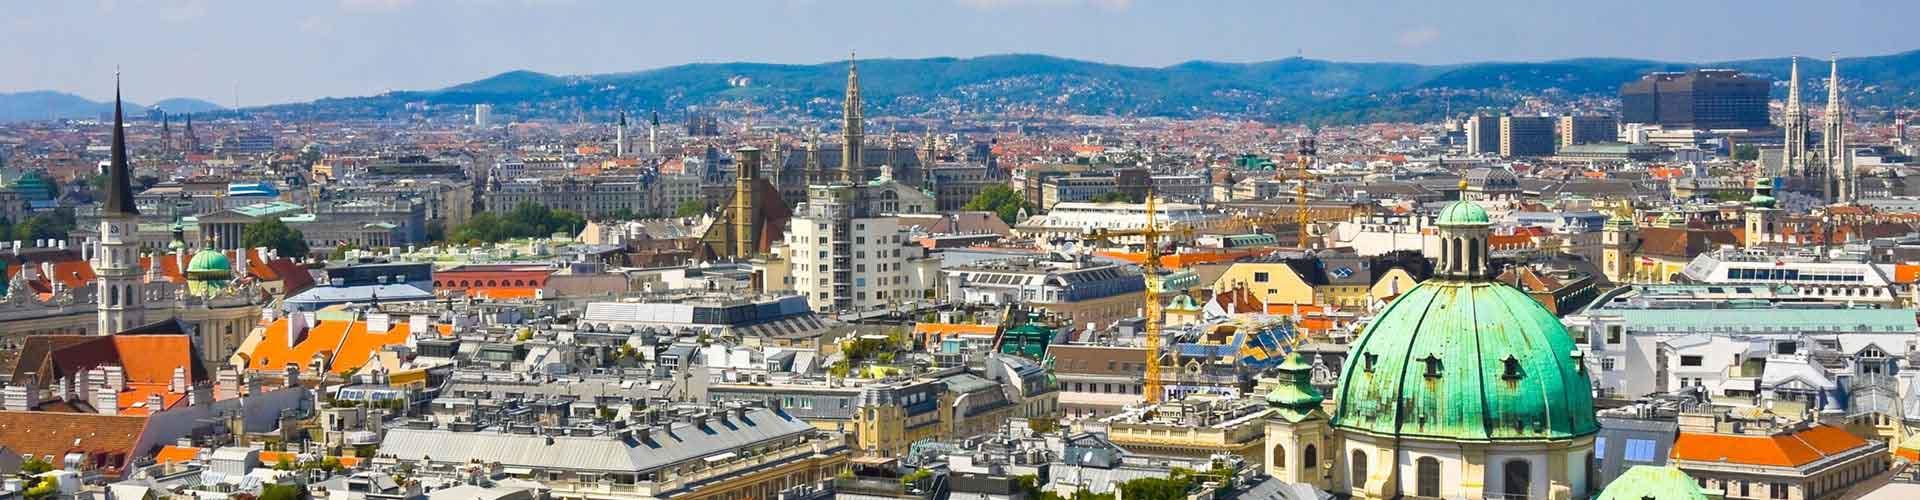 Viena - Hoteles baratos en el distrito Mariahilf. Mapas de Viena, Fotos y comentarios de cada Hotel barato en Viena.